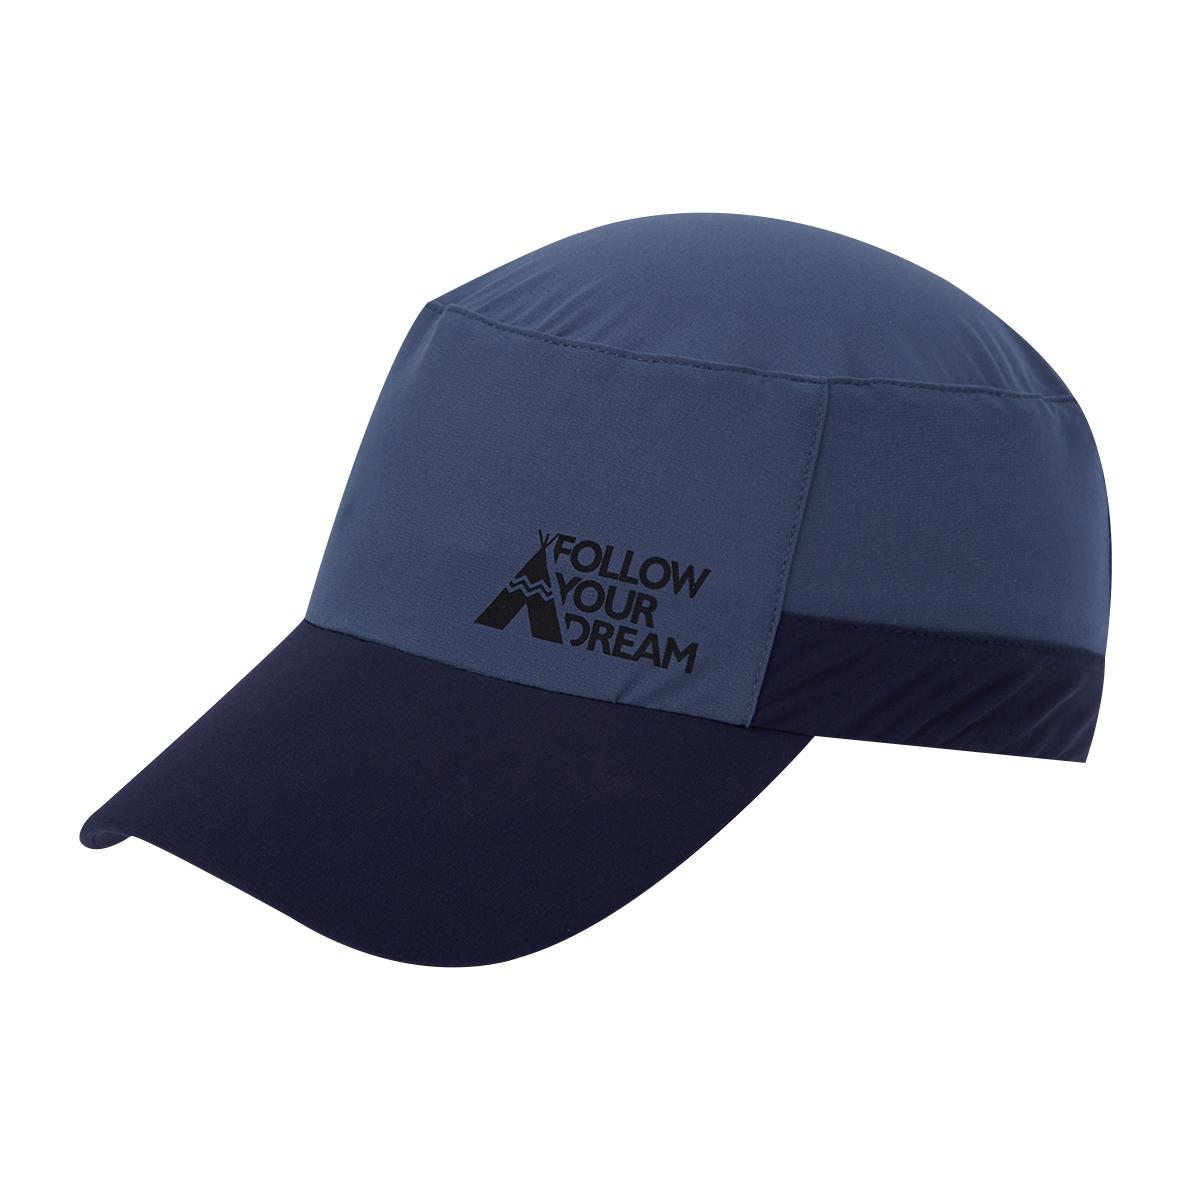 TELH80820 女通款仿棉感休闲帽 春夏户外男 19 探路者帽子